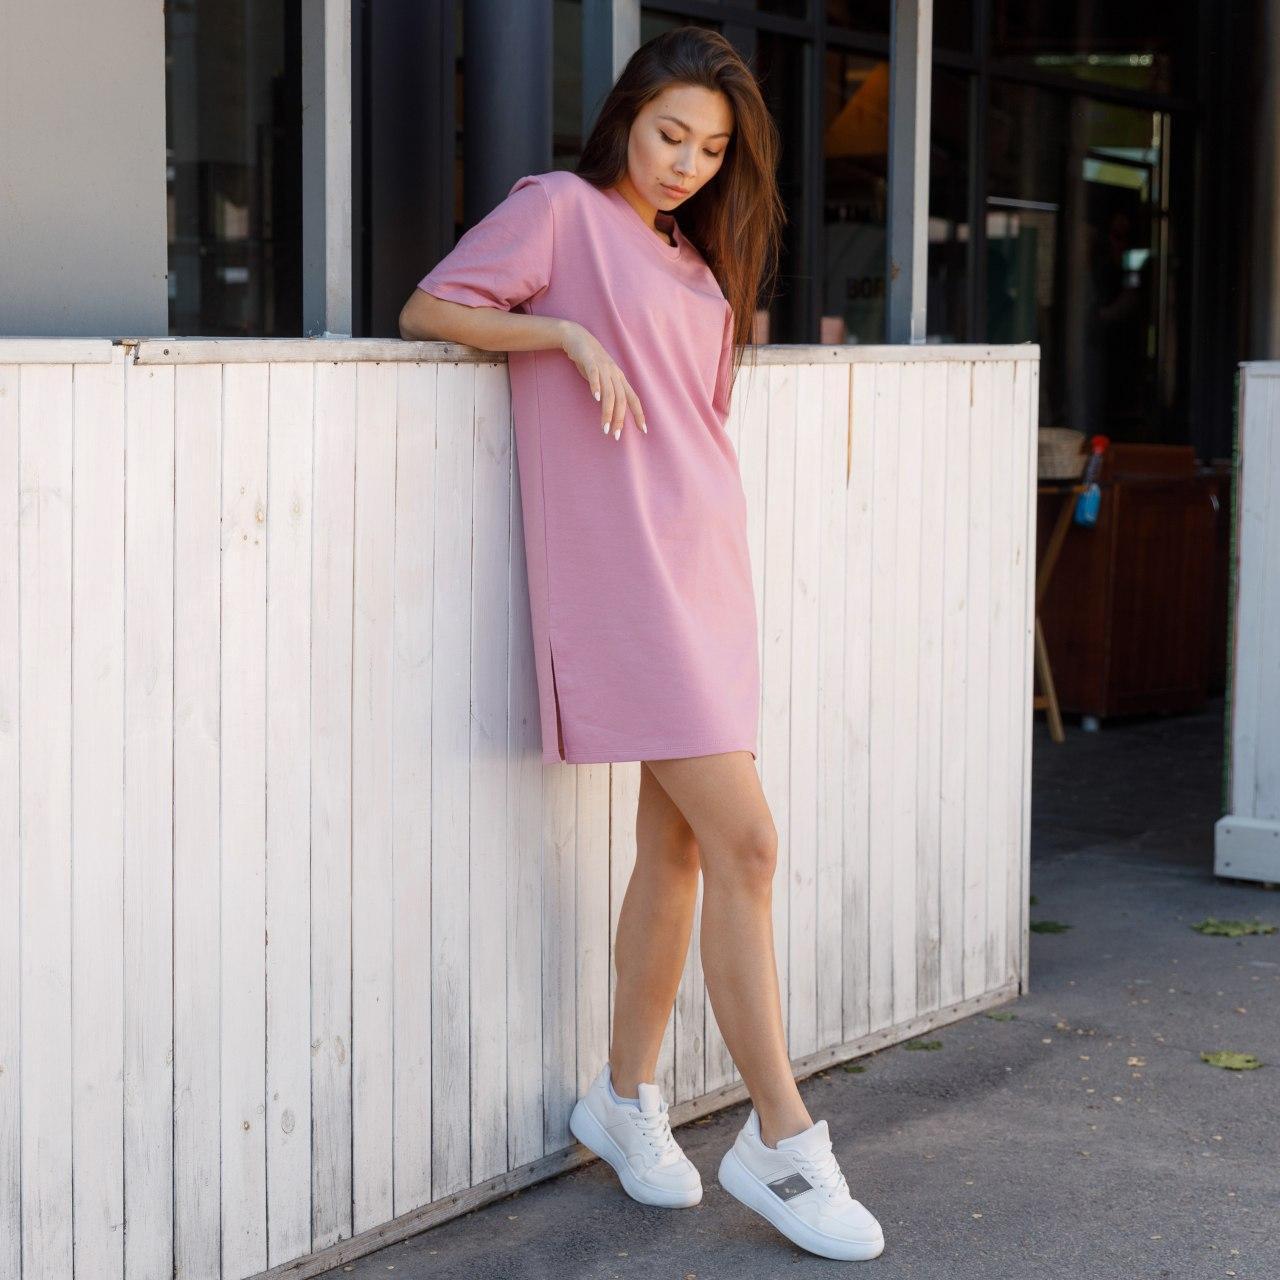 Платье-футболка женское розовое бренд ТУР модель Сарина (Sarina) размер  S, M, L